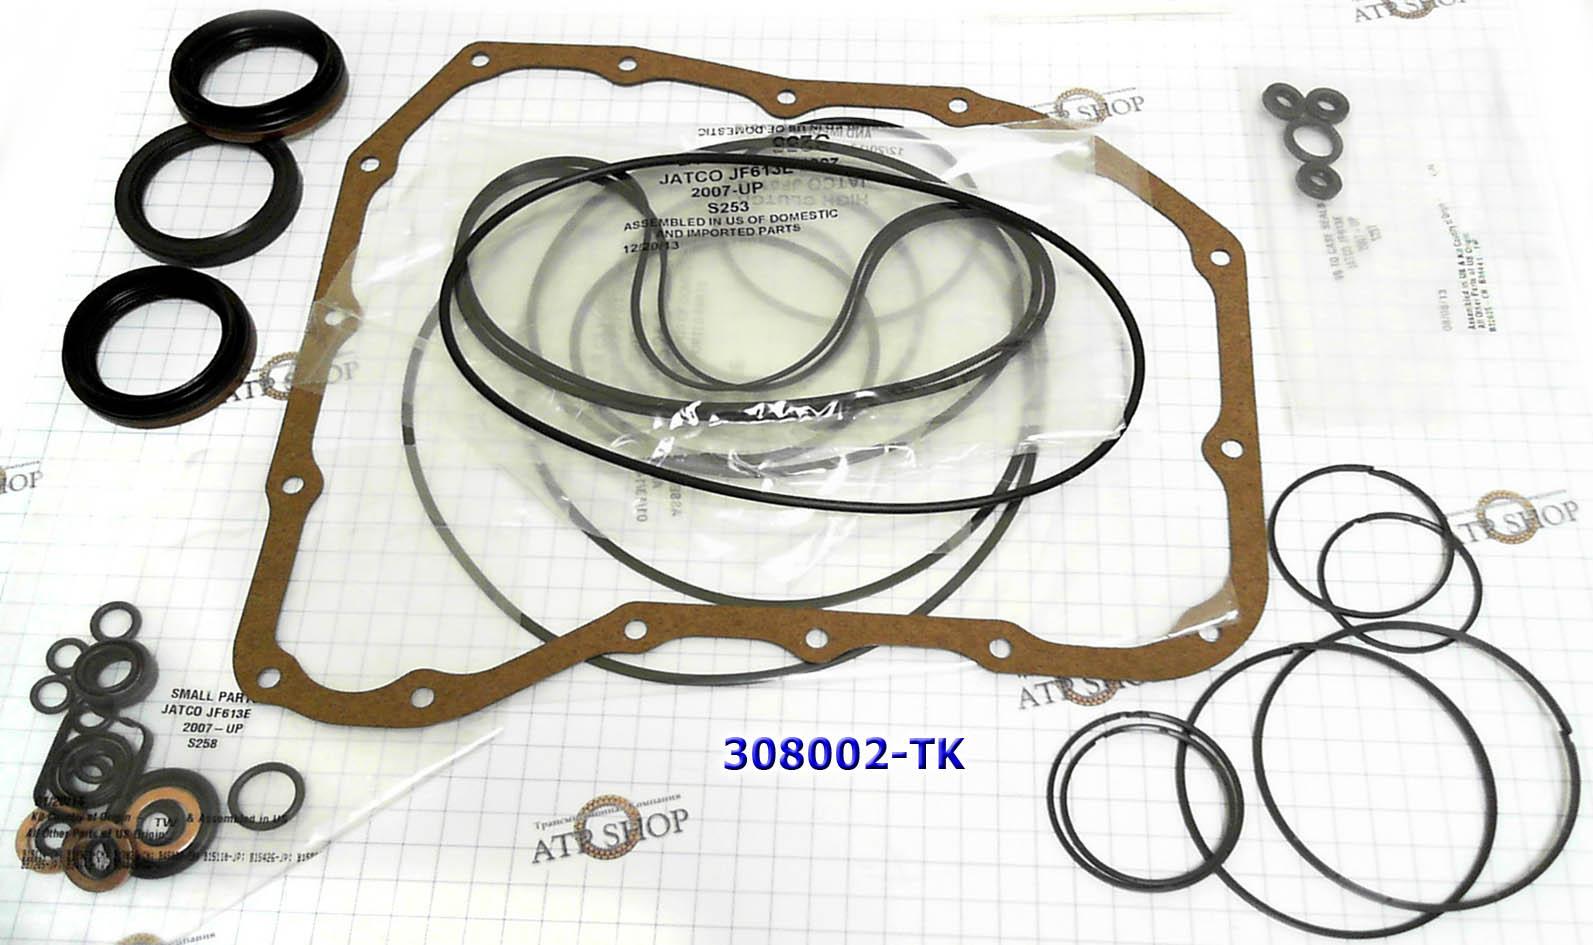 Комплект Прокладок и Сальников (Ремкомплект\ Оверол кит\ Overhaul Kit), JF613E/F6AJA Outlander 2007-